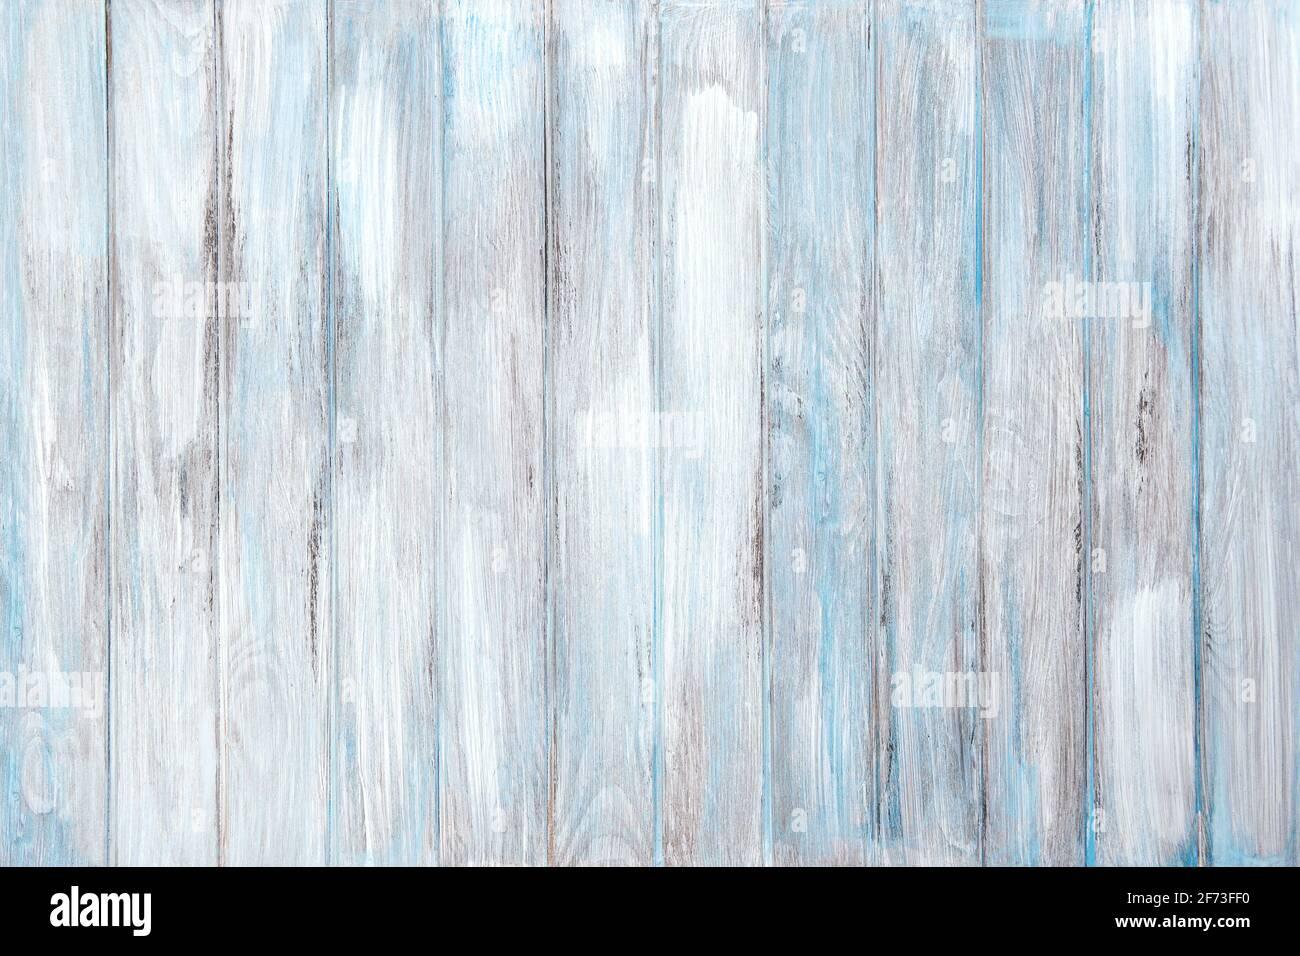 Fond en bois bleu blanc. Texture de bois rustique naturel Banque D'Images